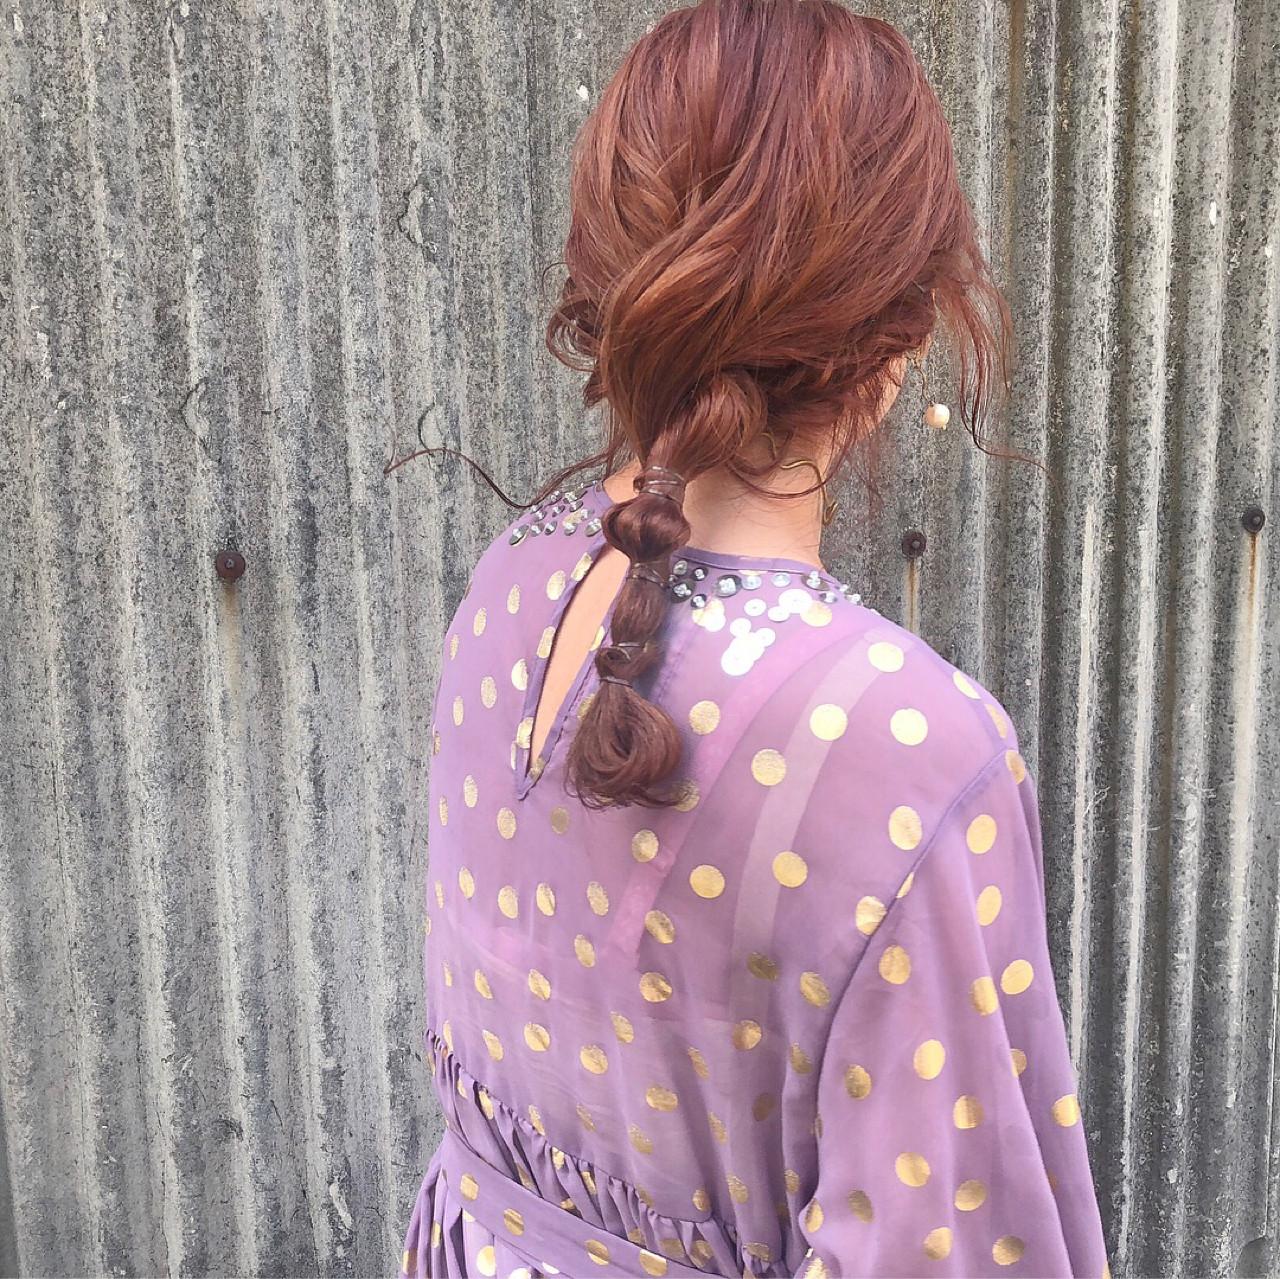 ヘアアレンジ レッド デート ピンク ヘアスタイルや髪型の写真・画像